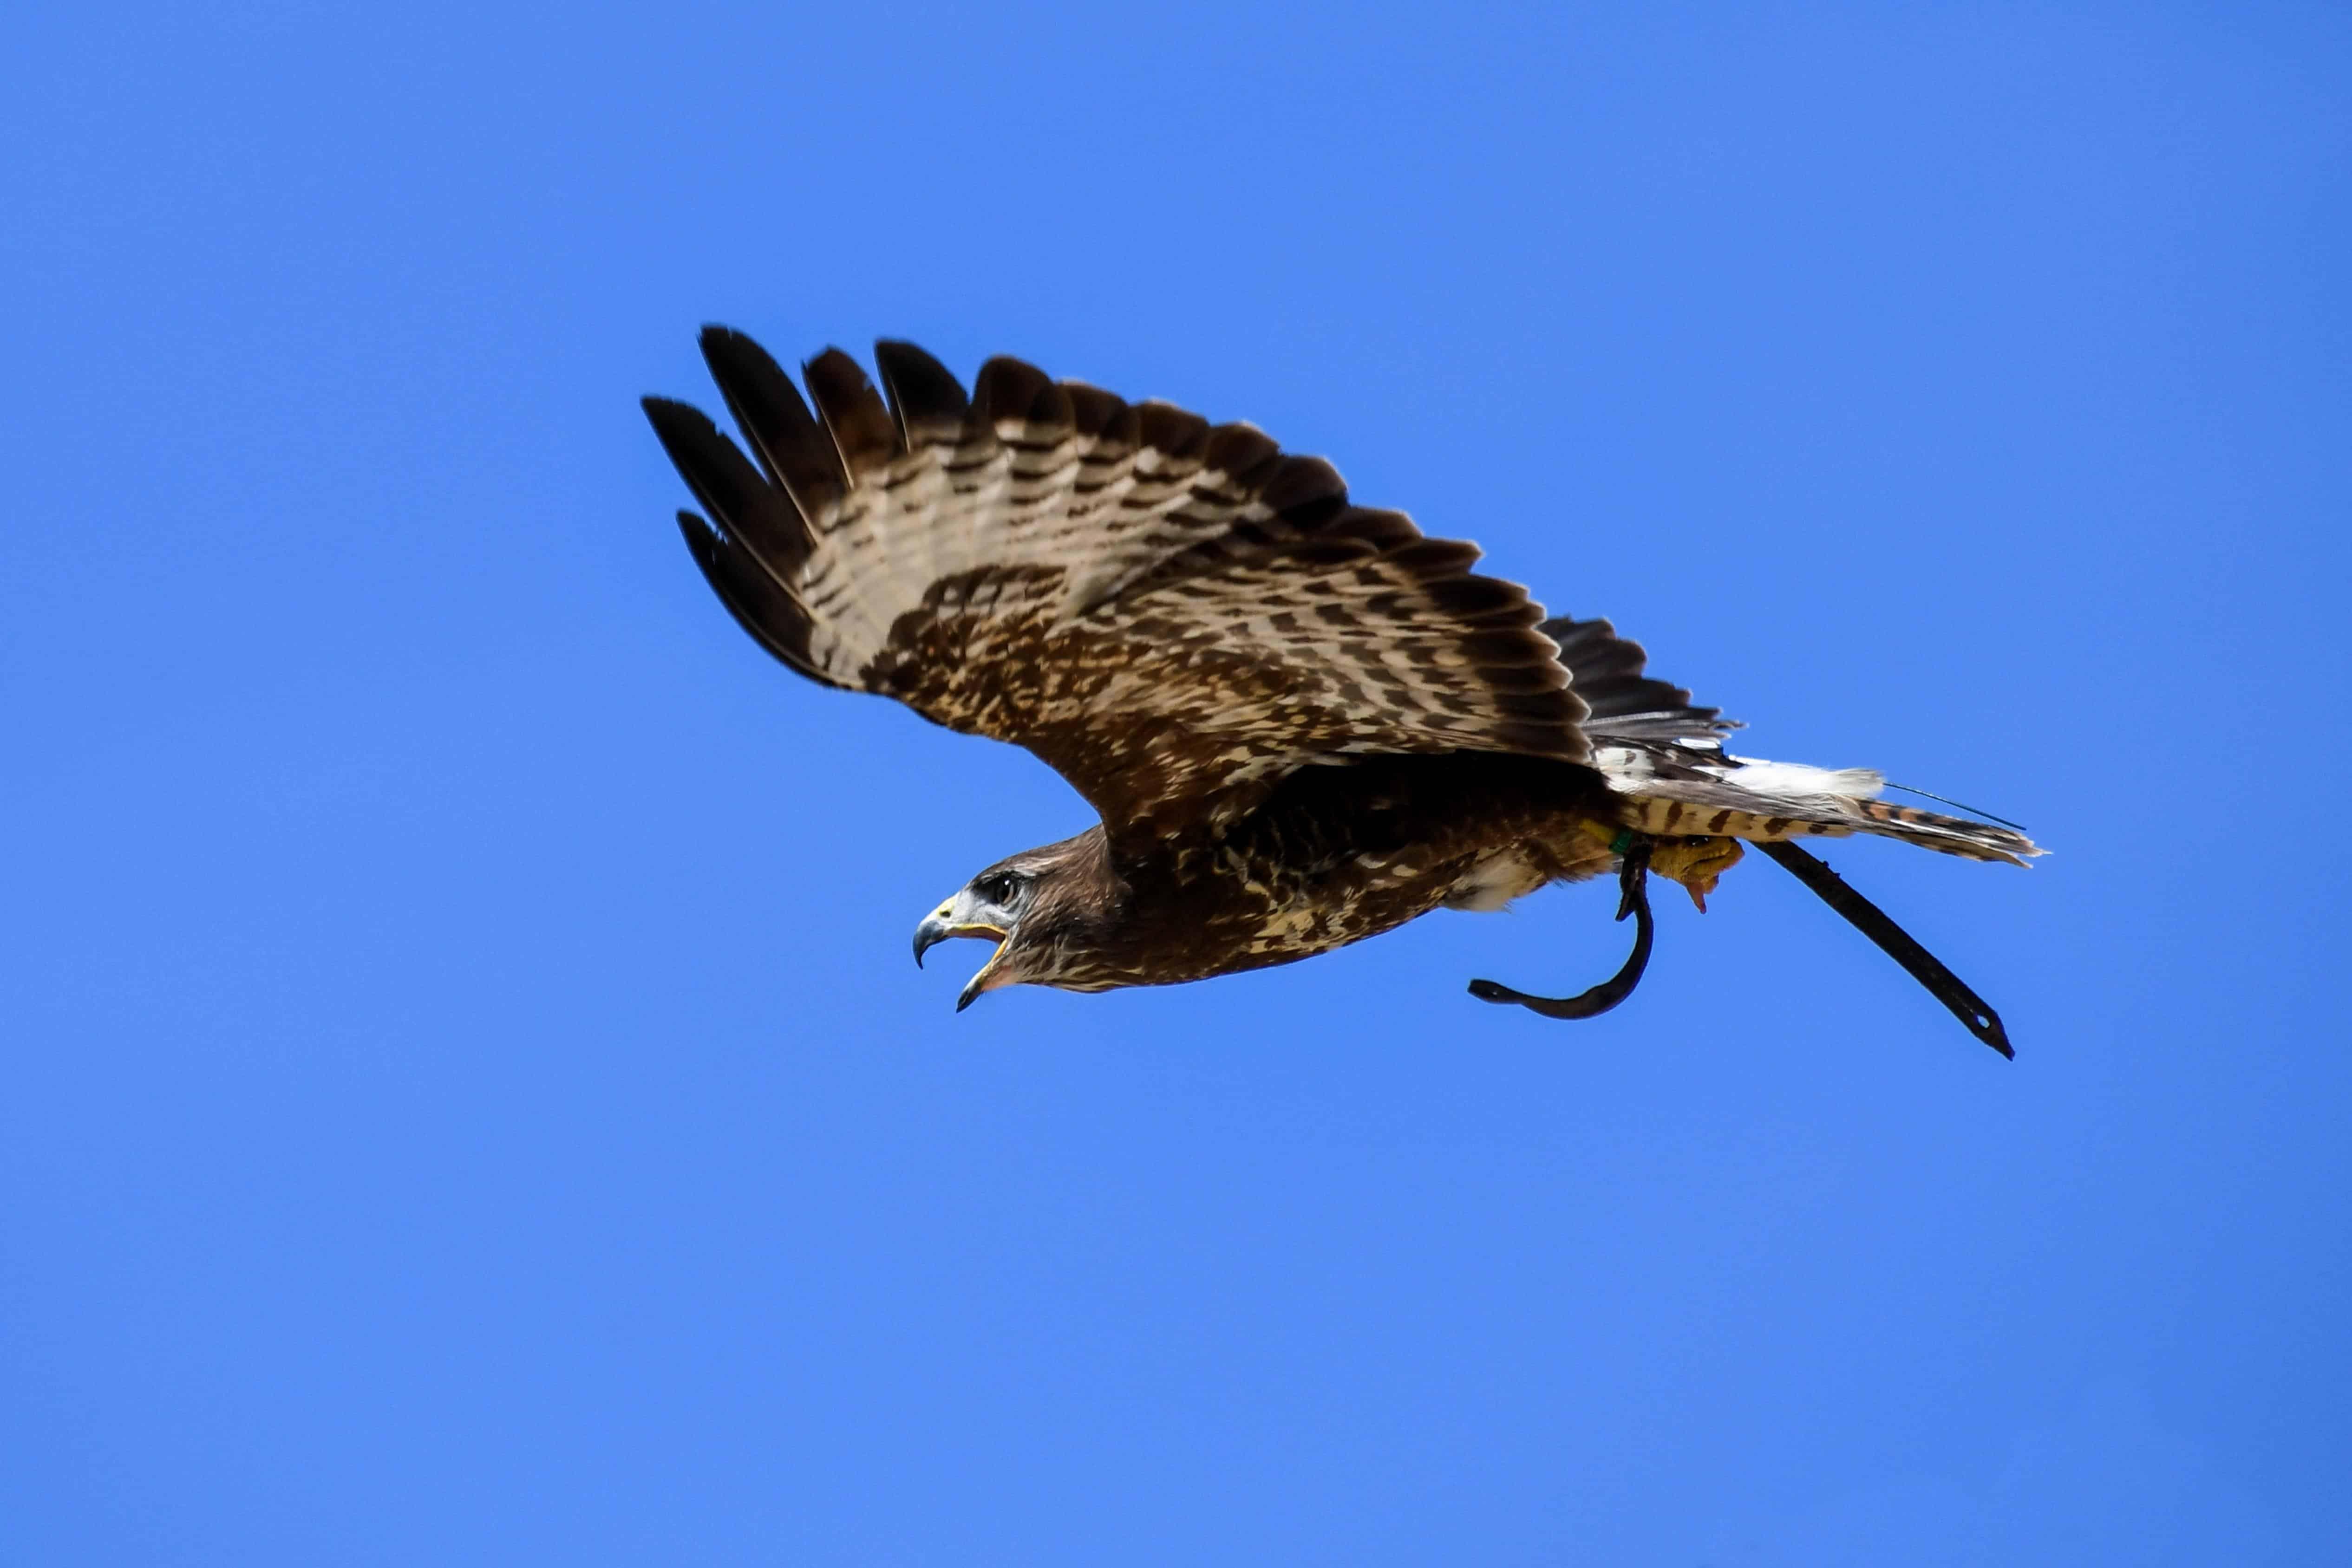 imagem gratuita pássaro falcão céu azul bico selvagem predador